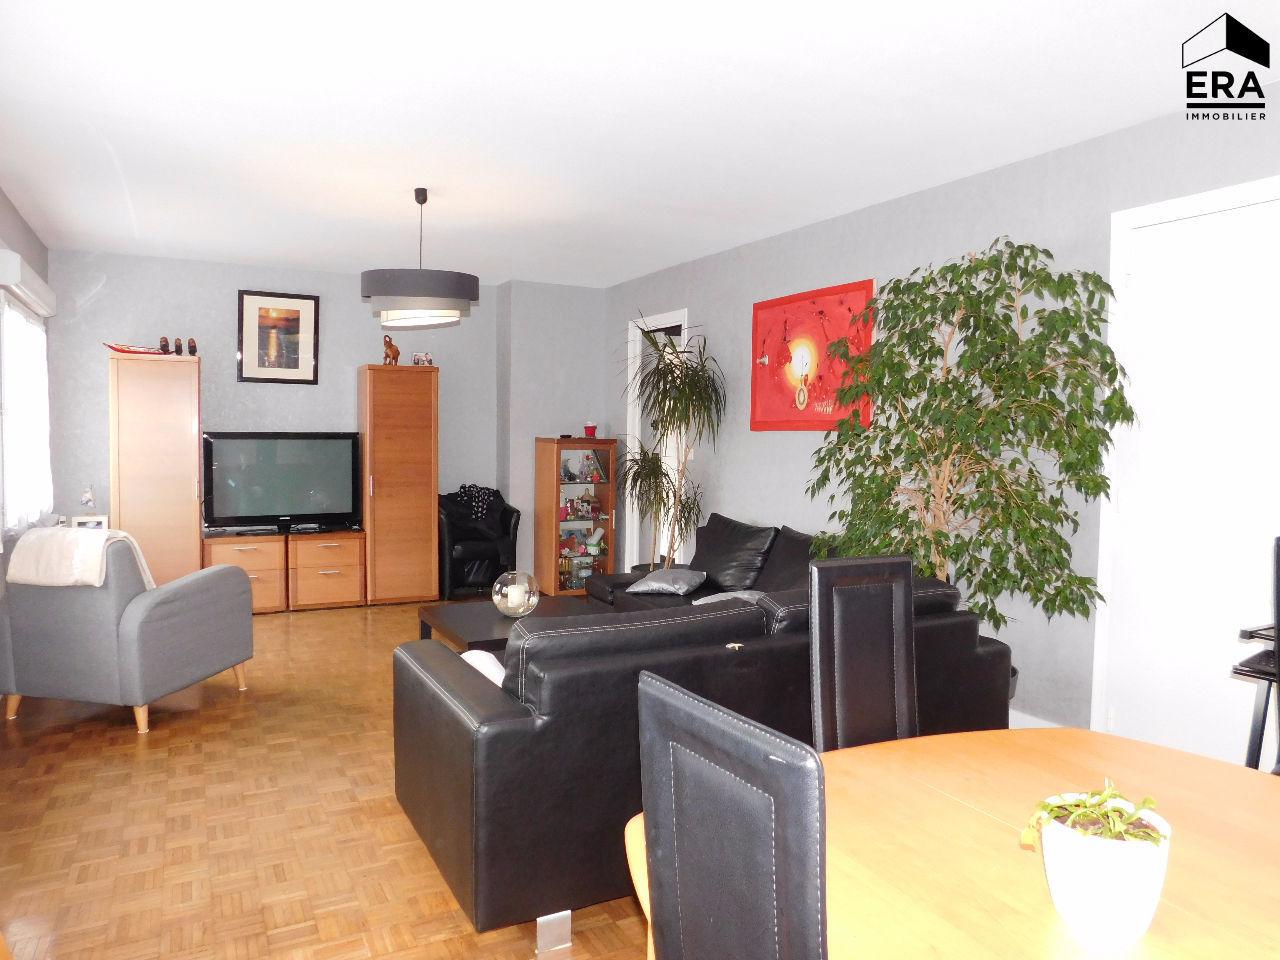 Appartement 4pièces 87m² Lorient